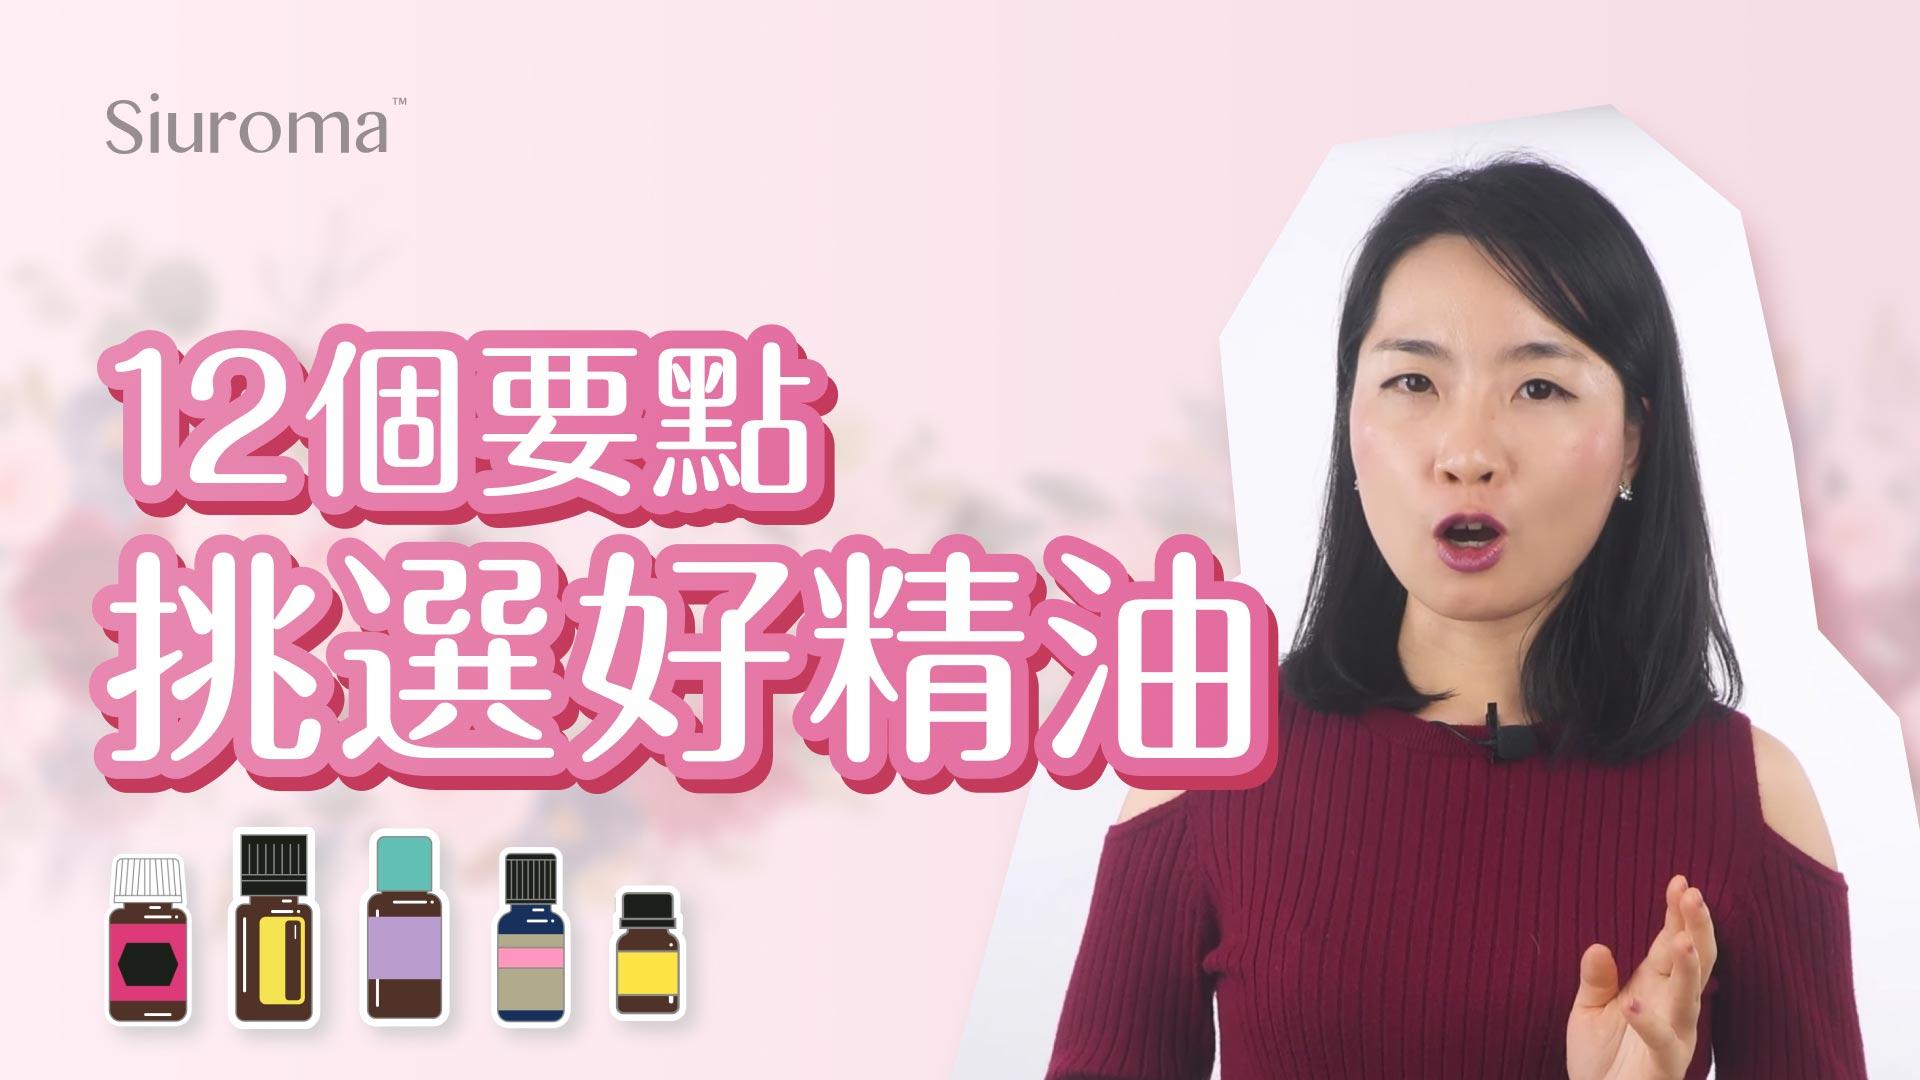 一瓶好精油要具備什麼條件?| 挑選精油產品時需要留意什麼?